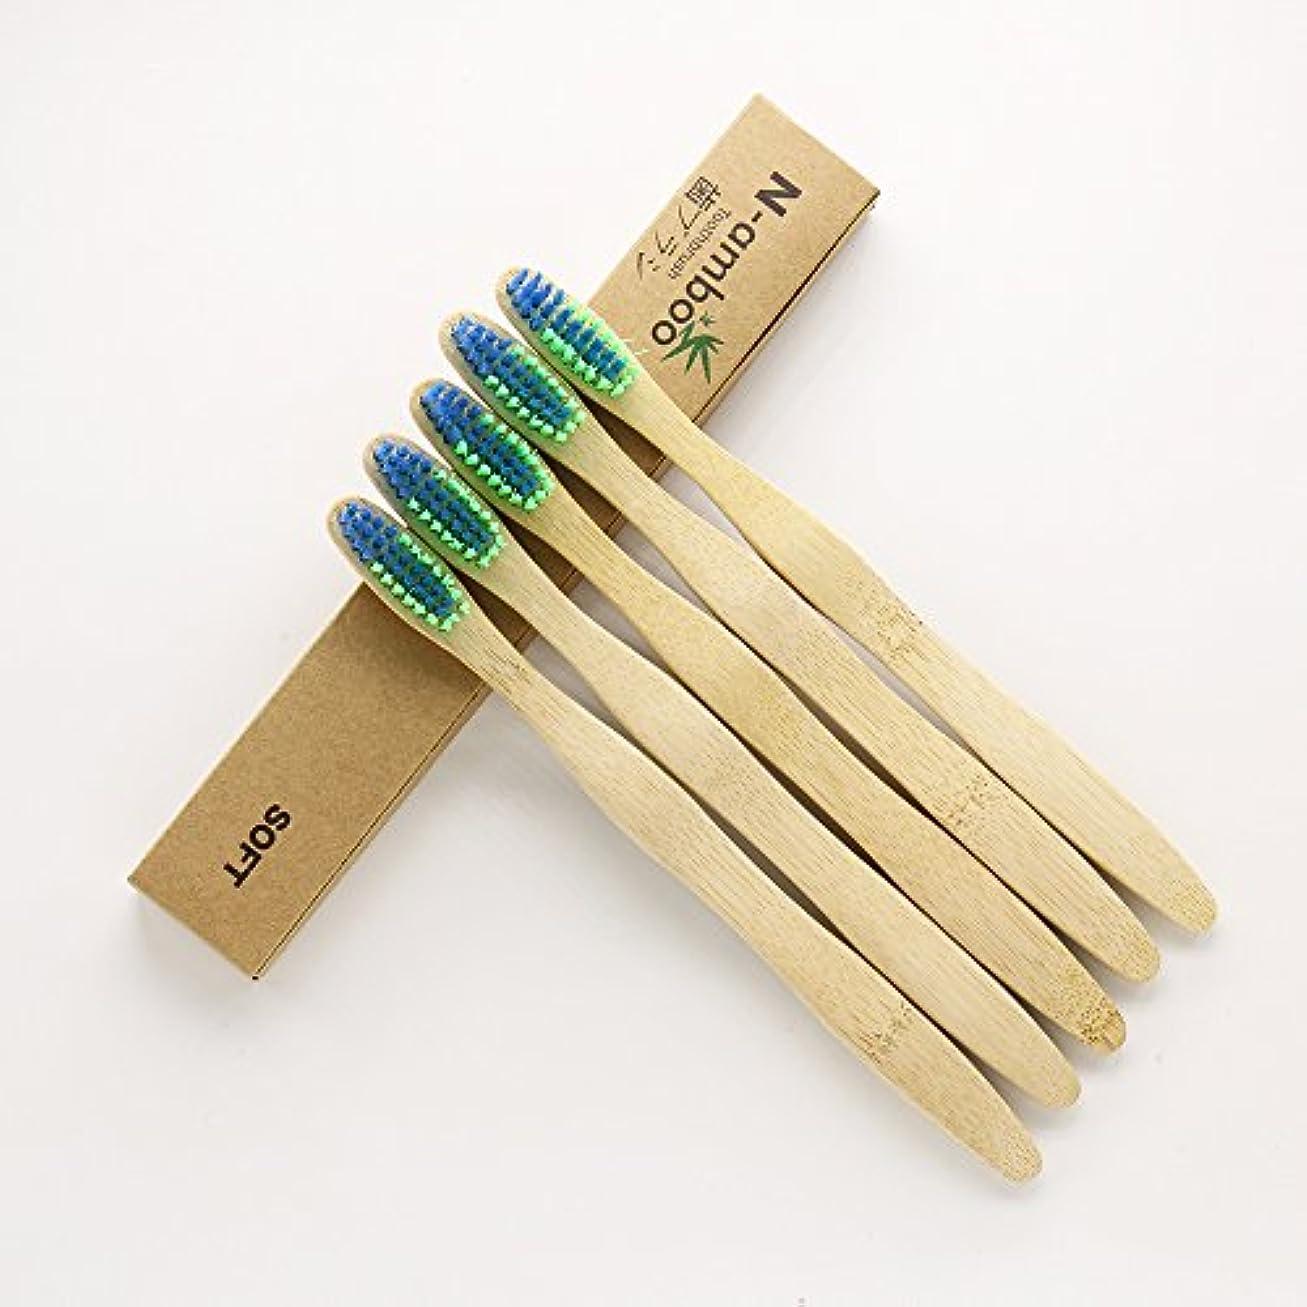 渇き振る舞いプレミアN-amboo 竹製耐久度高い 歯ブラシ 青と緑色 5本入り セット